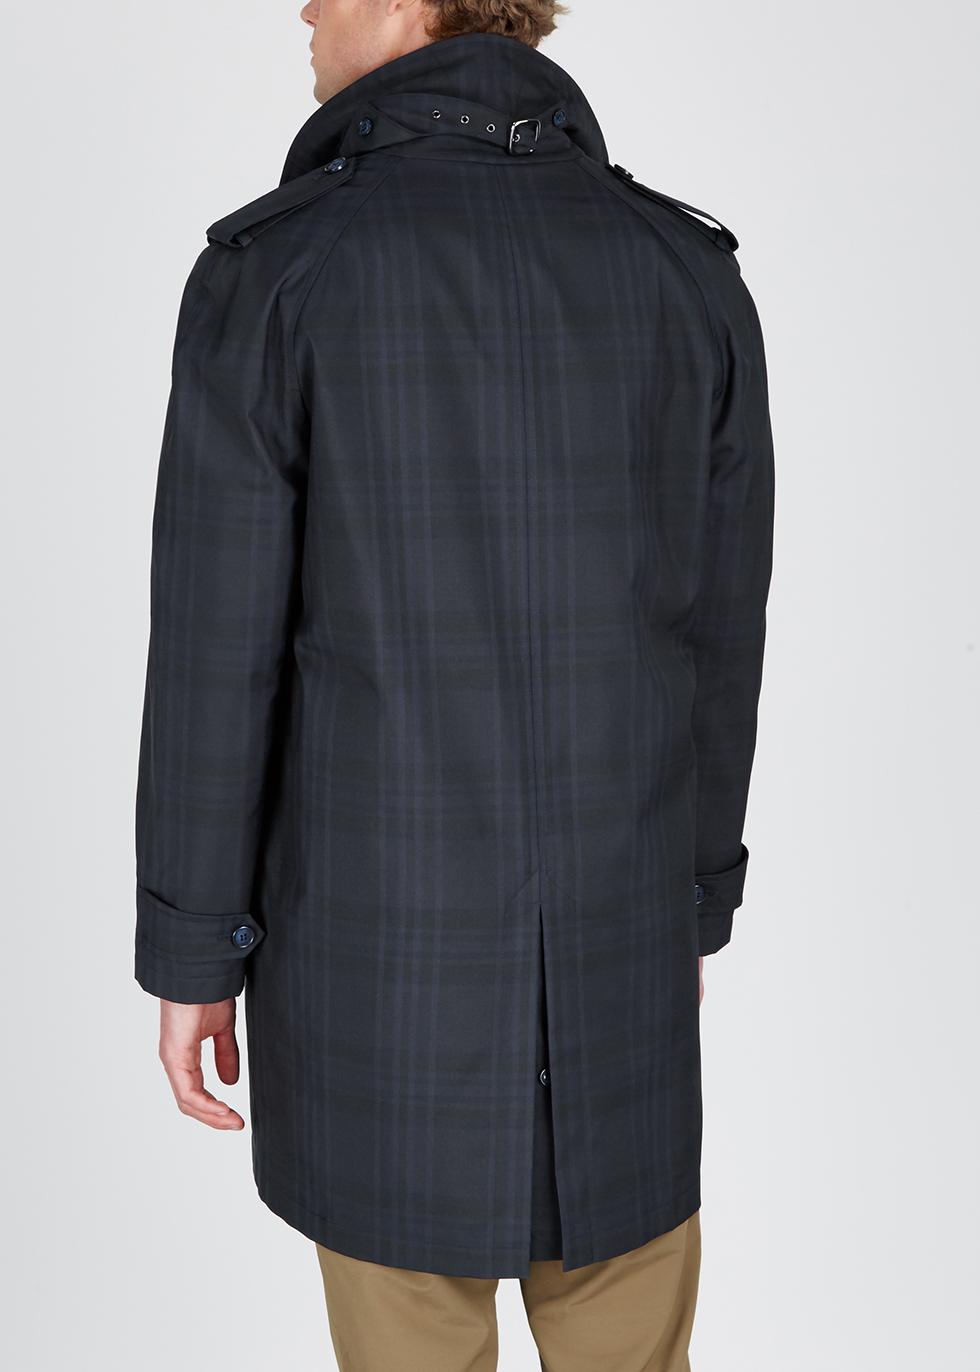 Navy checked gabardine trench coat - Corneliani